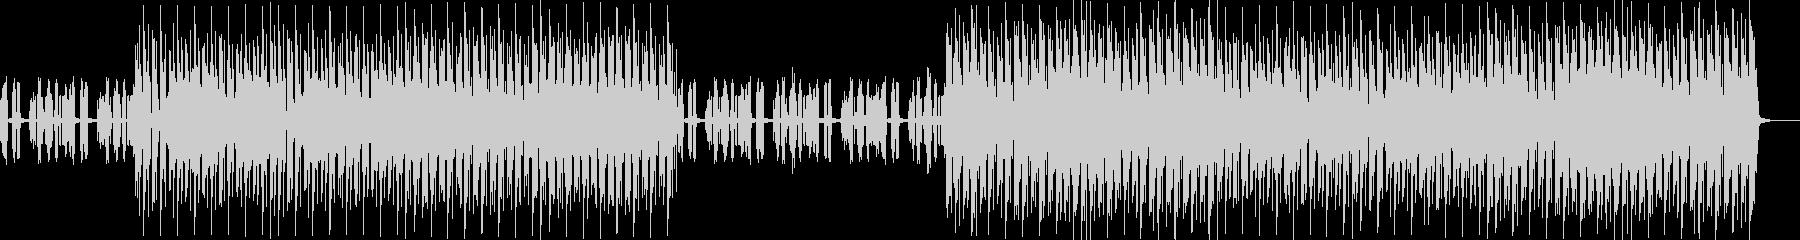 ダーク・ダーティー・EDM4の未再生の波形